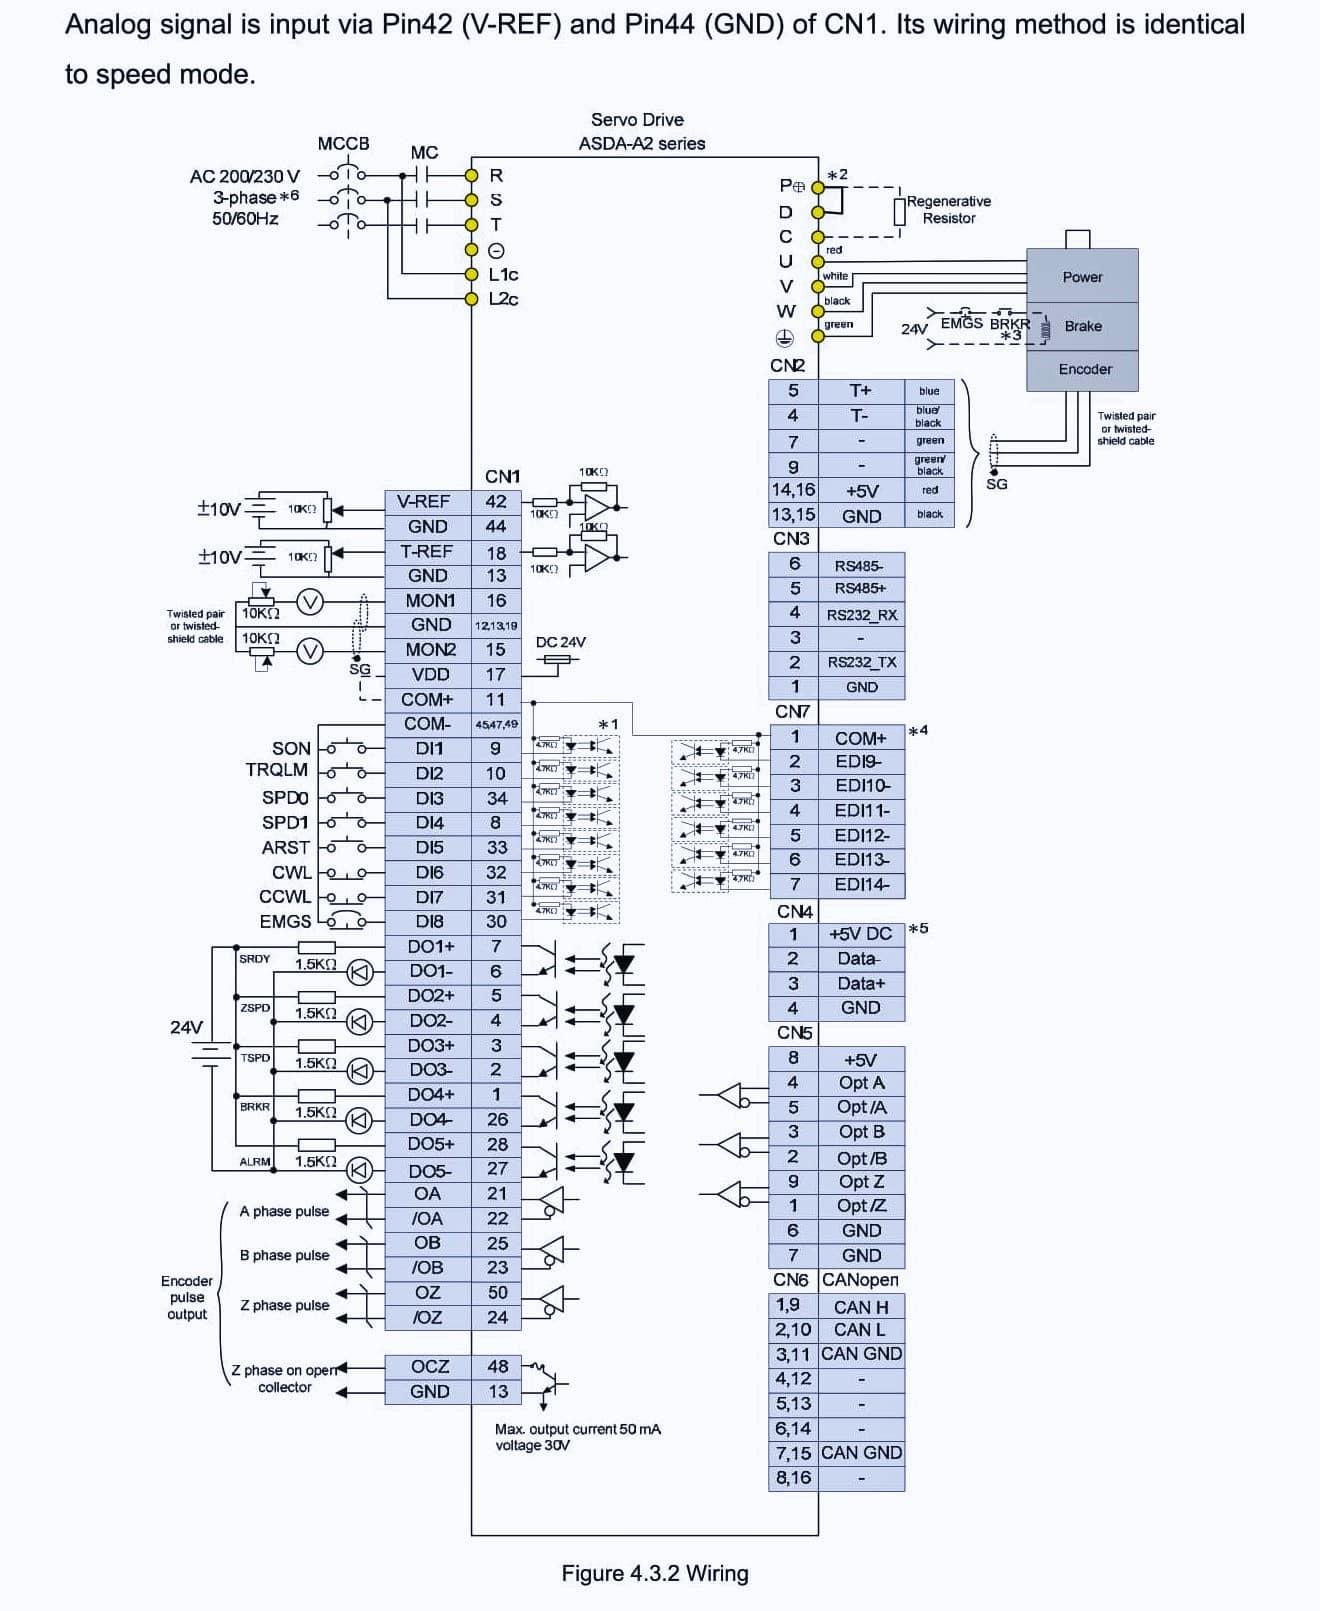 ASDA-A2 Hız Modu Kablo Bağlantı Şeması